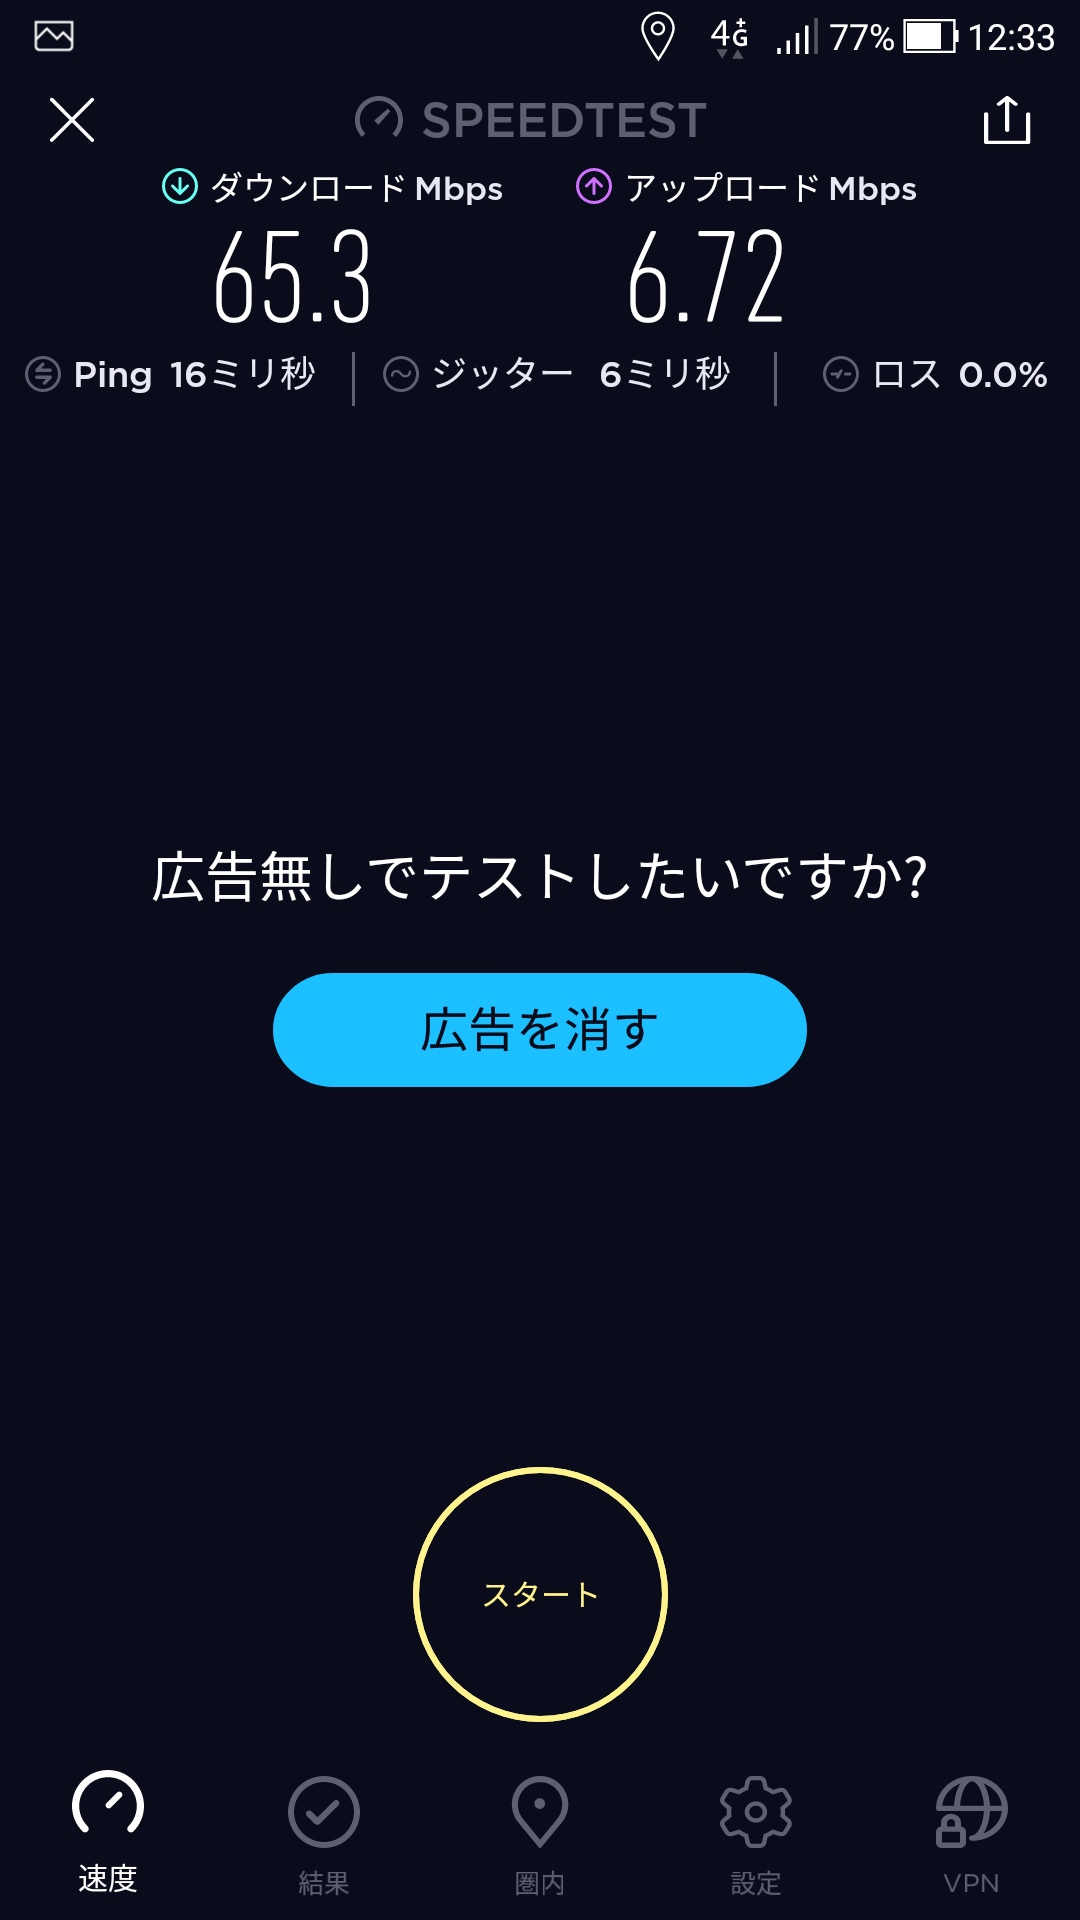 Screenshot_20180819-123324.jpg